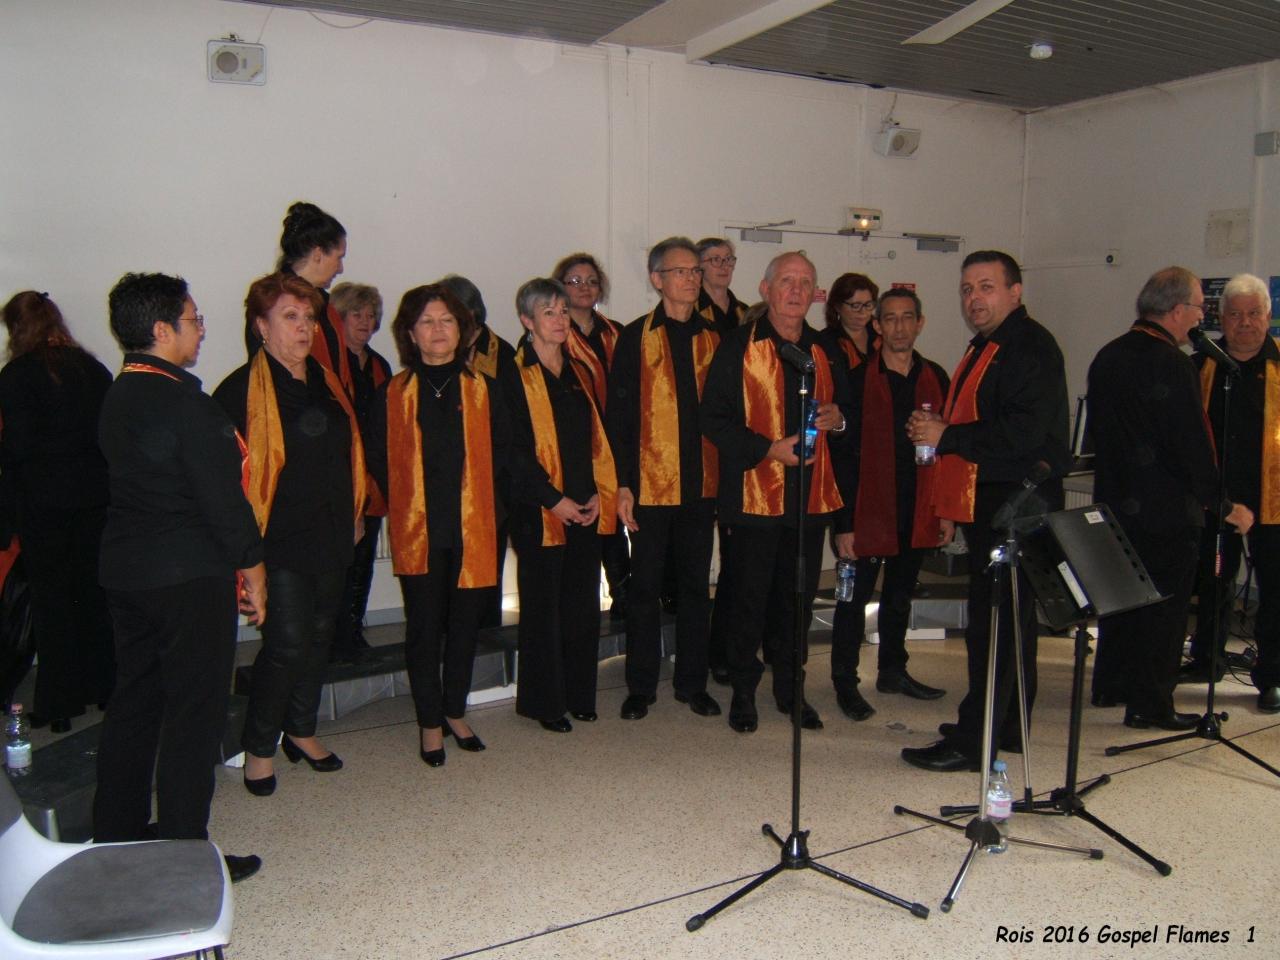 Le groupe Gospel Flames avant le concert